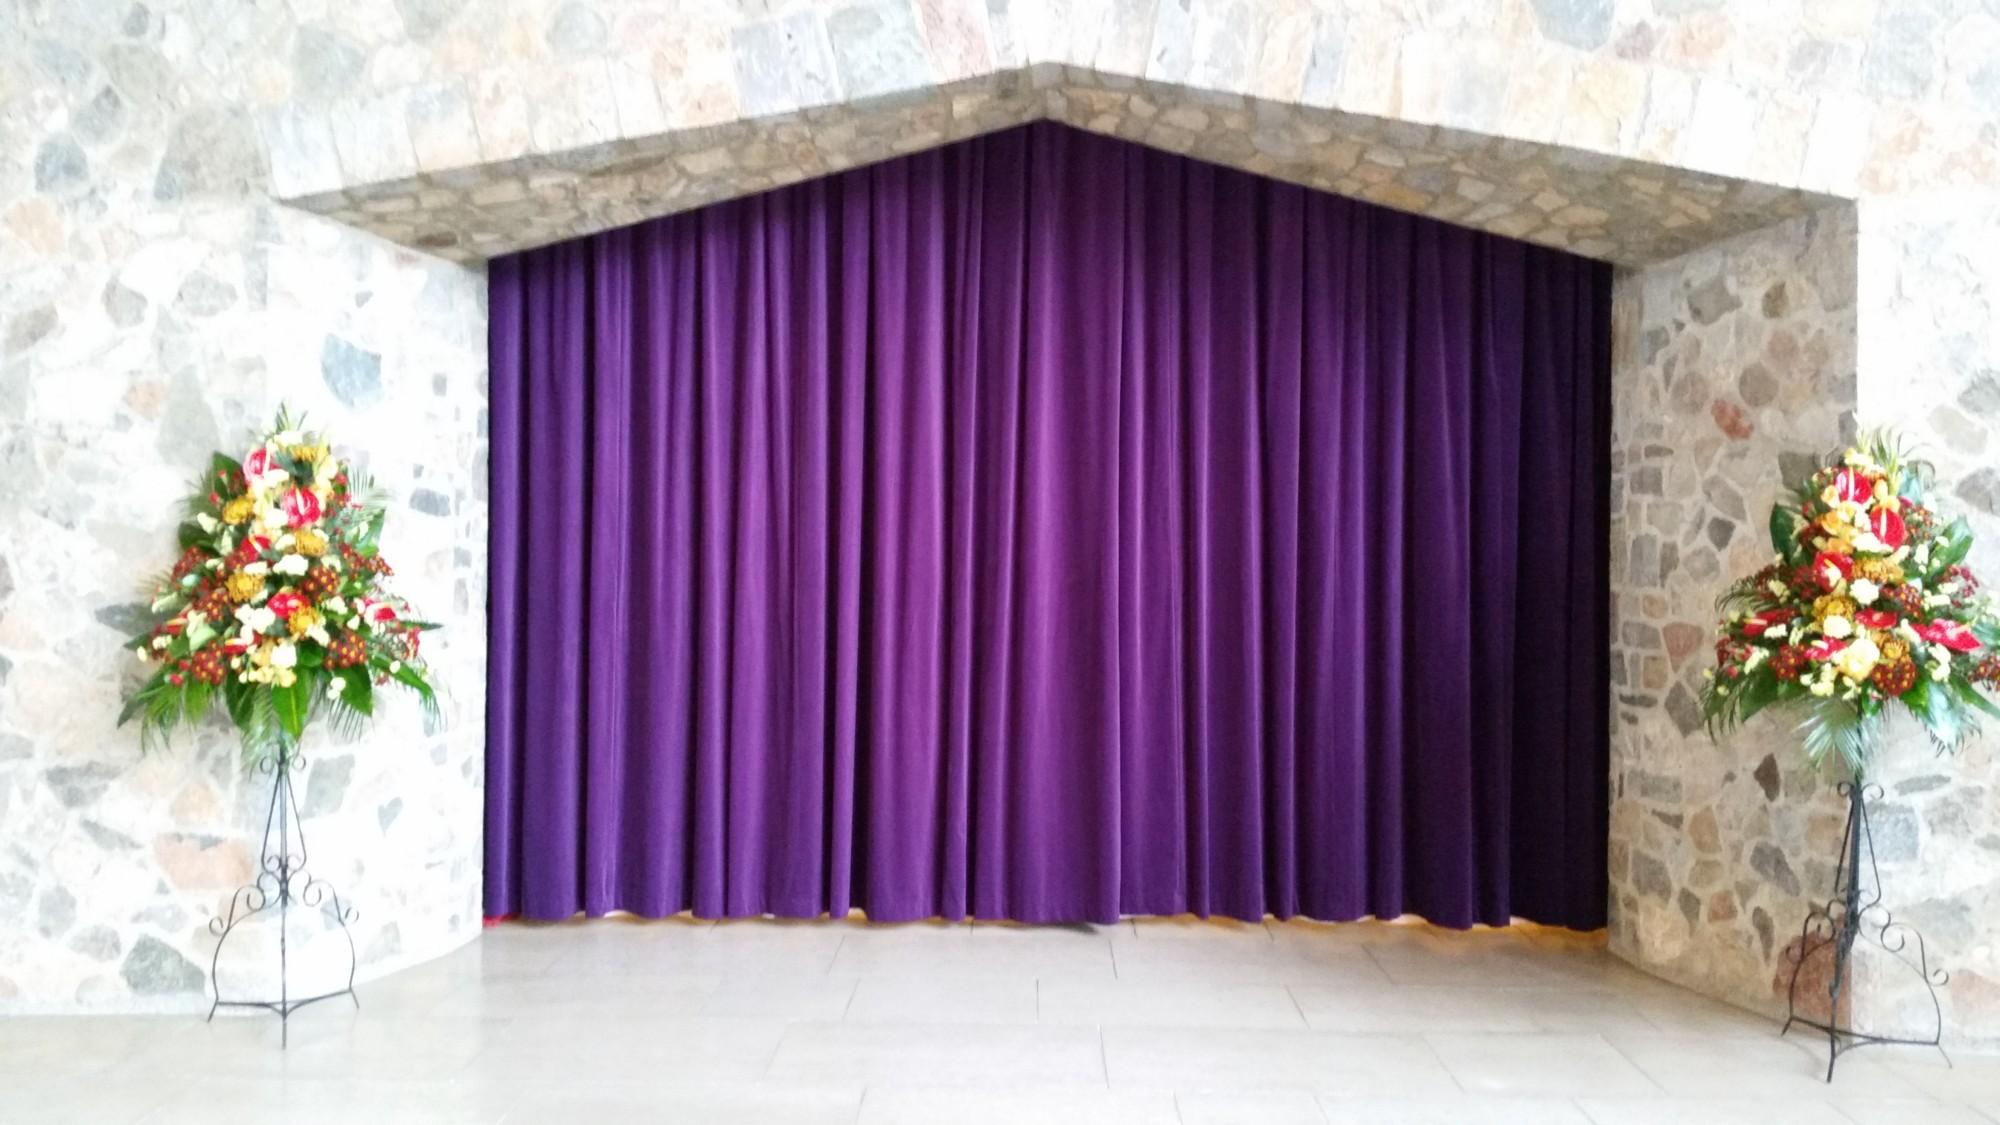 Crematorium Curtains and Voiles